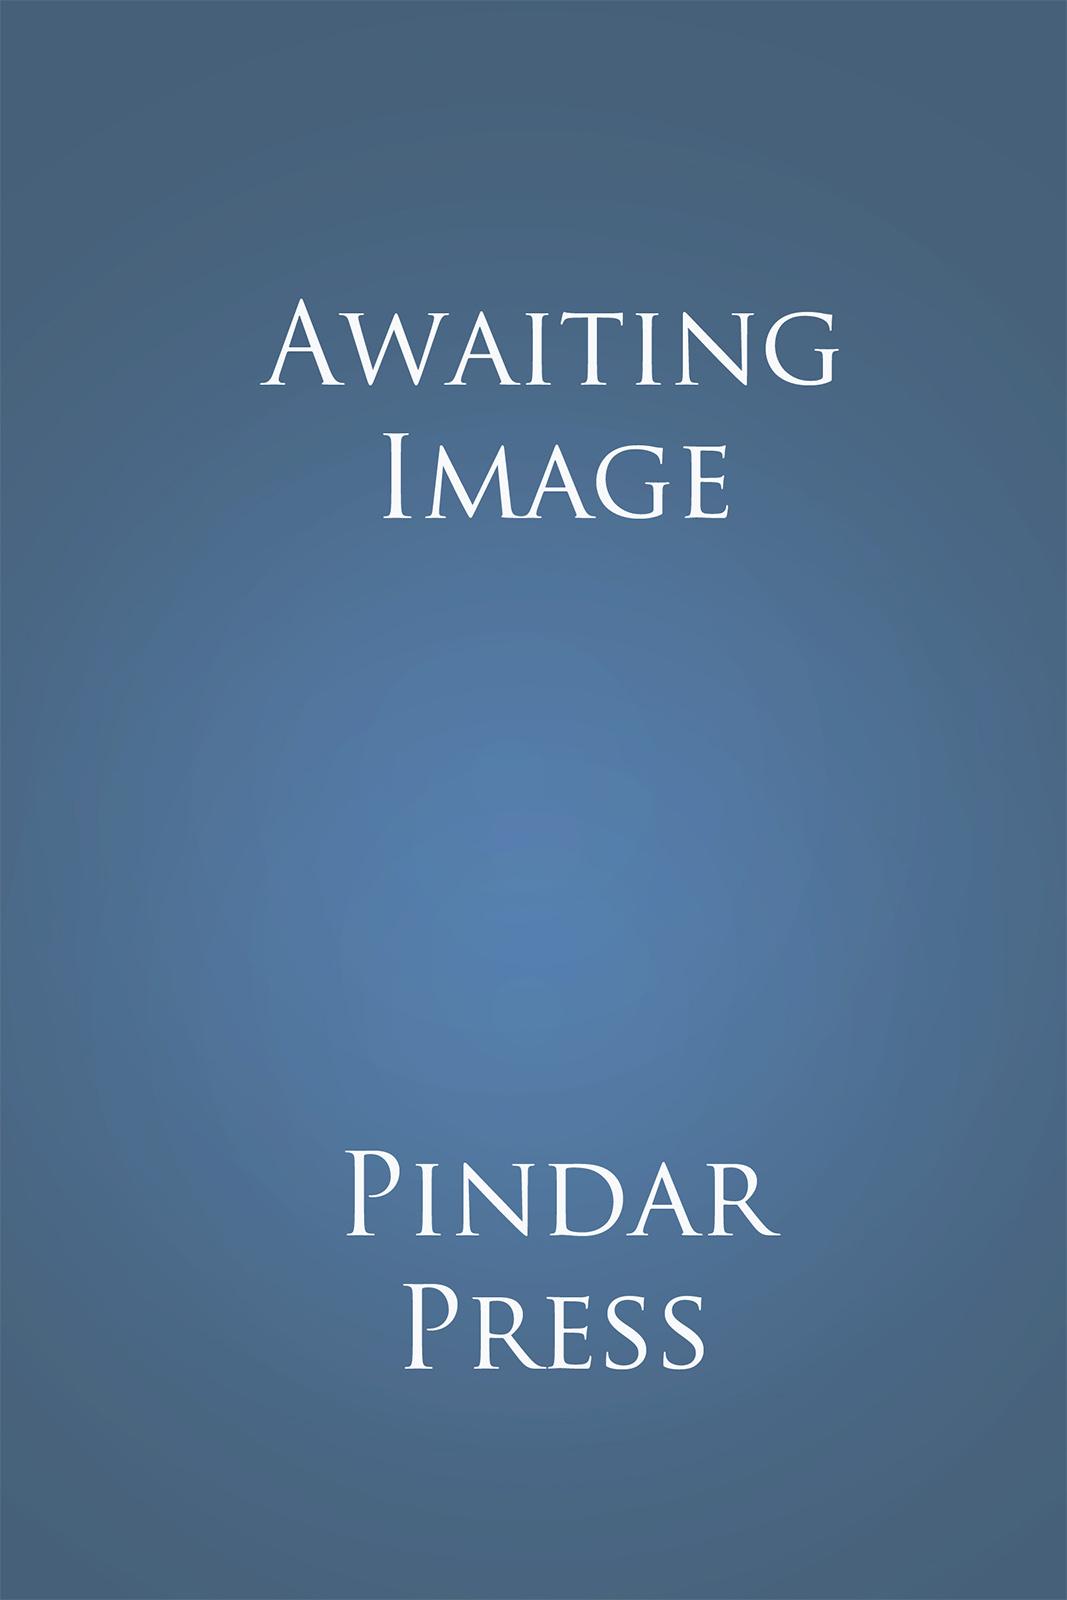 Awaiting Image